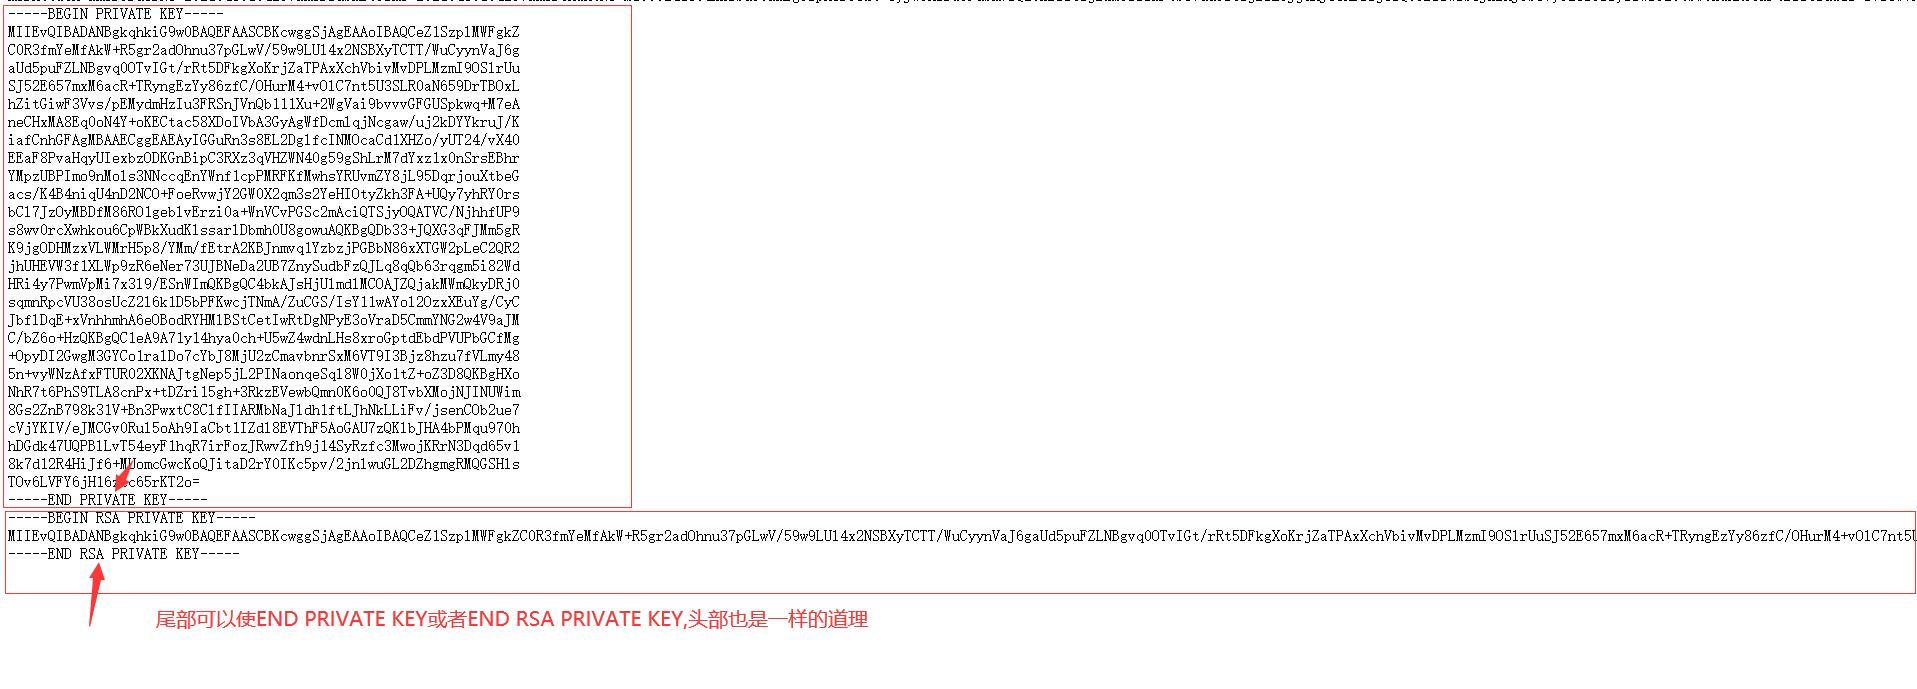 如何把一行纯内容的rsa私钥,处理成php函数openssl_verify可以使用的格式